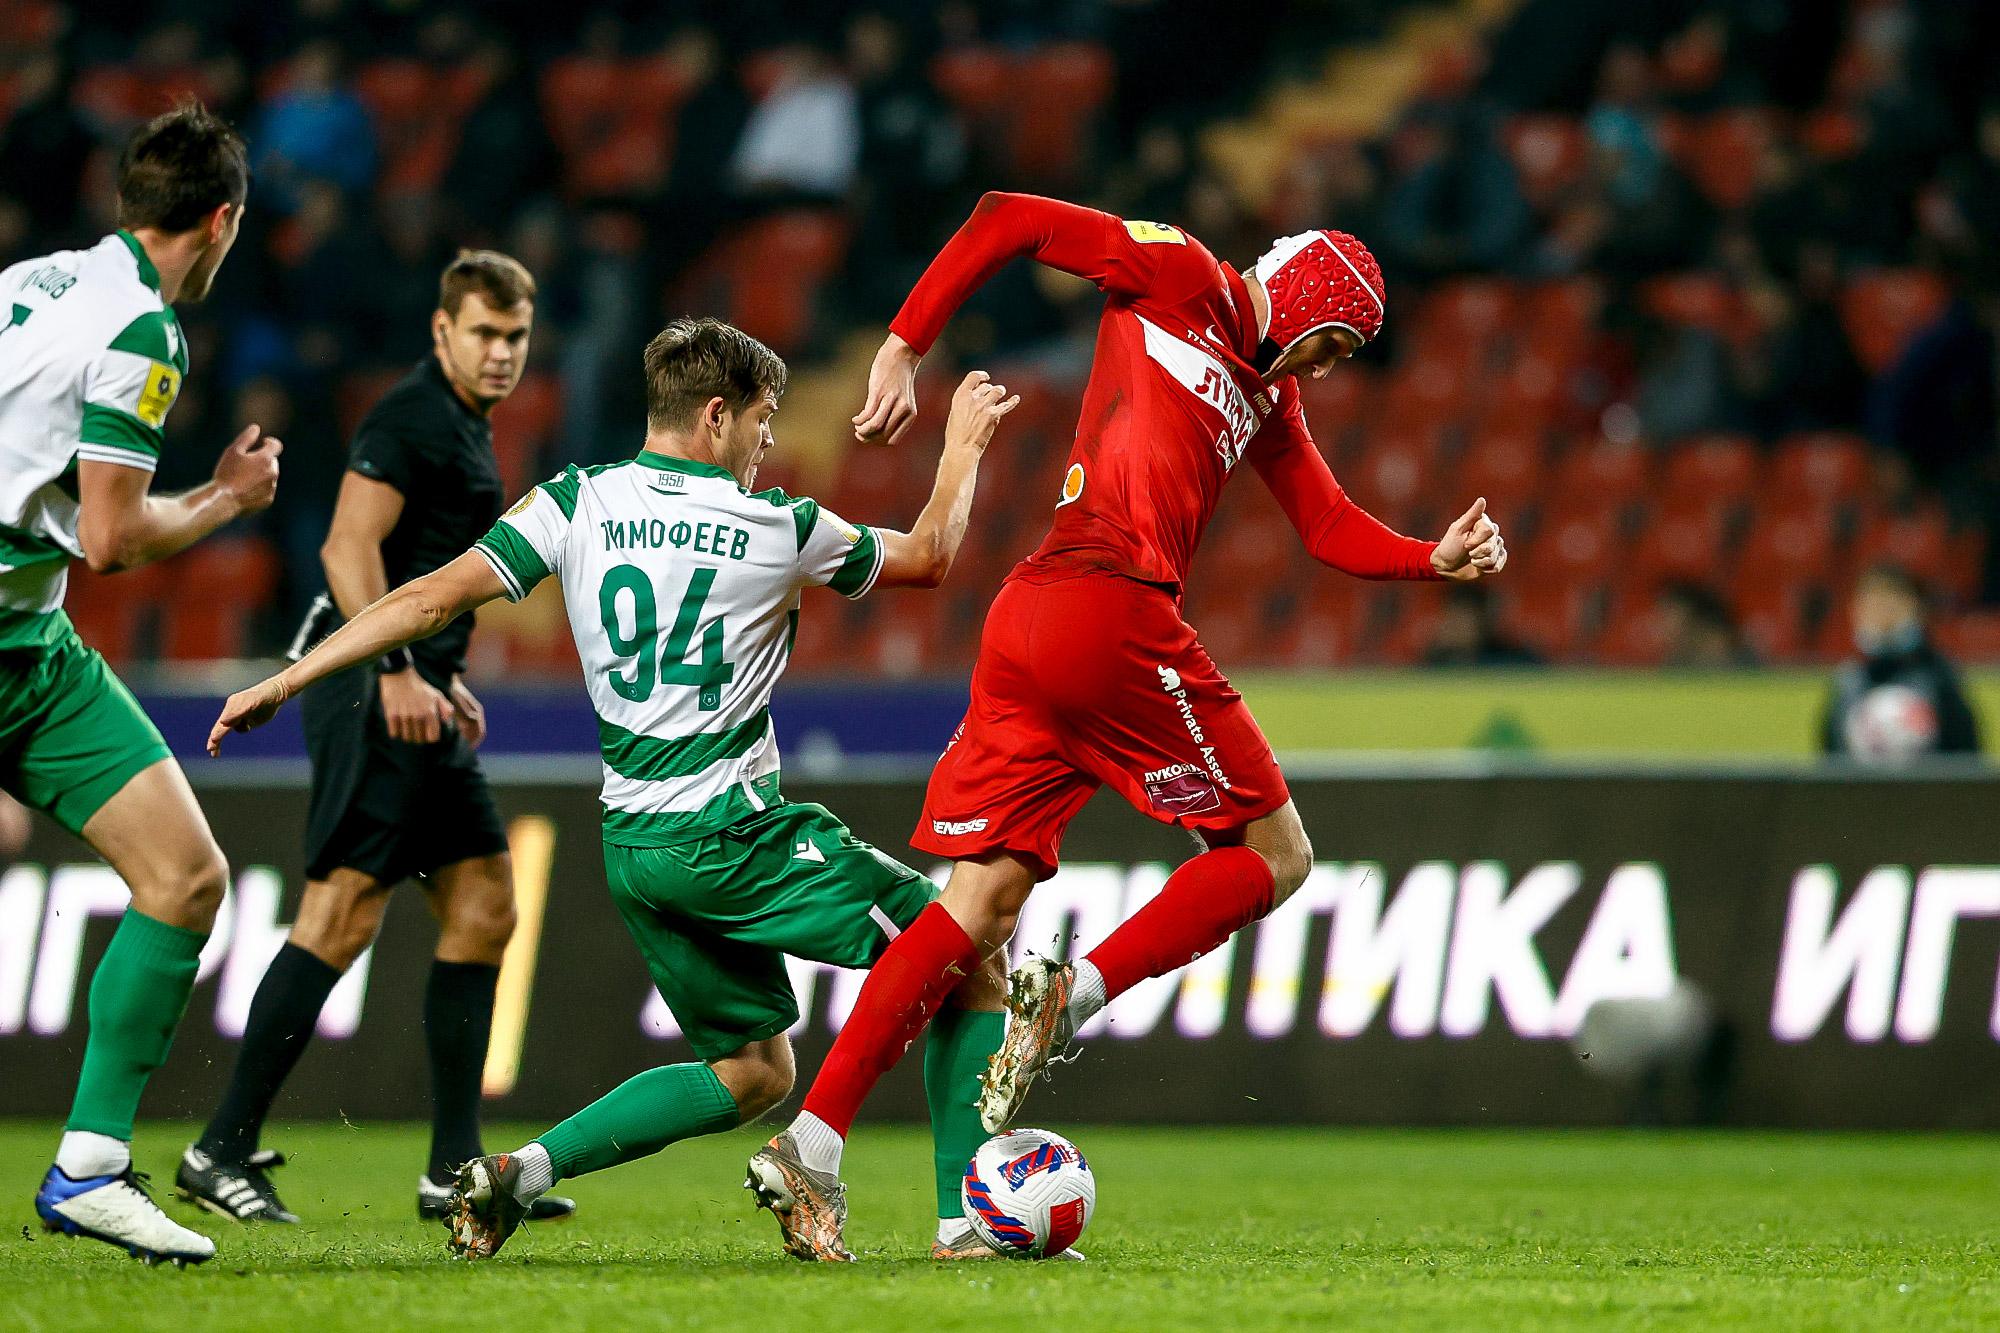 «Спартак» провёл образцово-показательную игру в Грозном